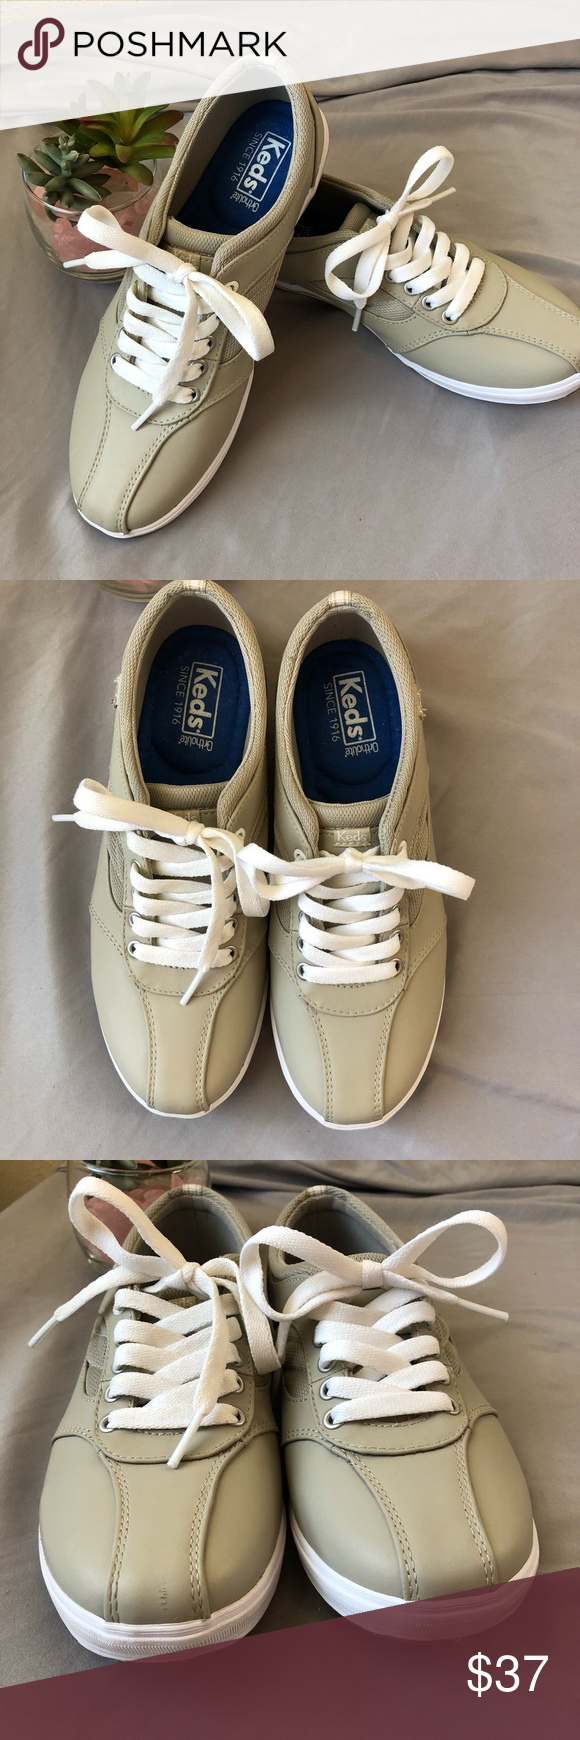 Keds Ortholite Lace Up Shoe 7 Beige